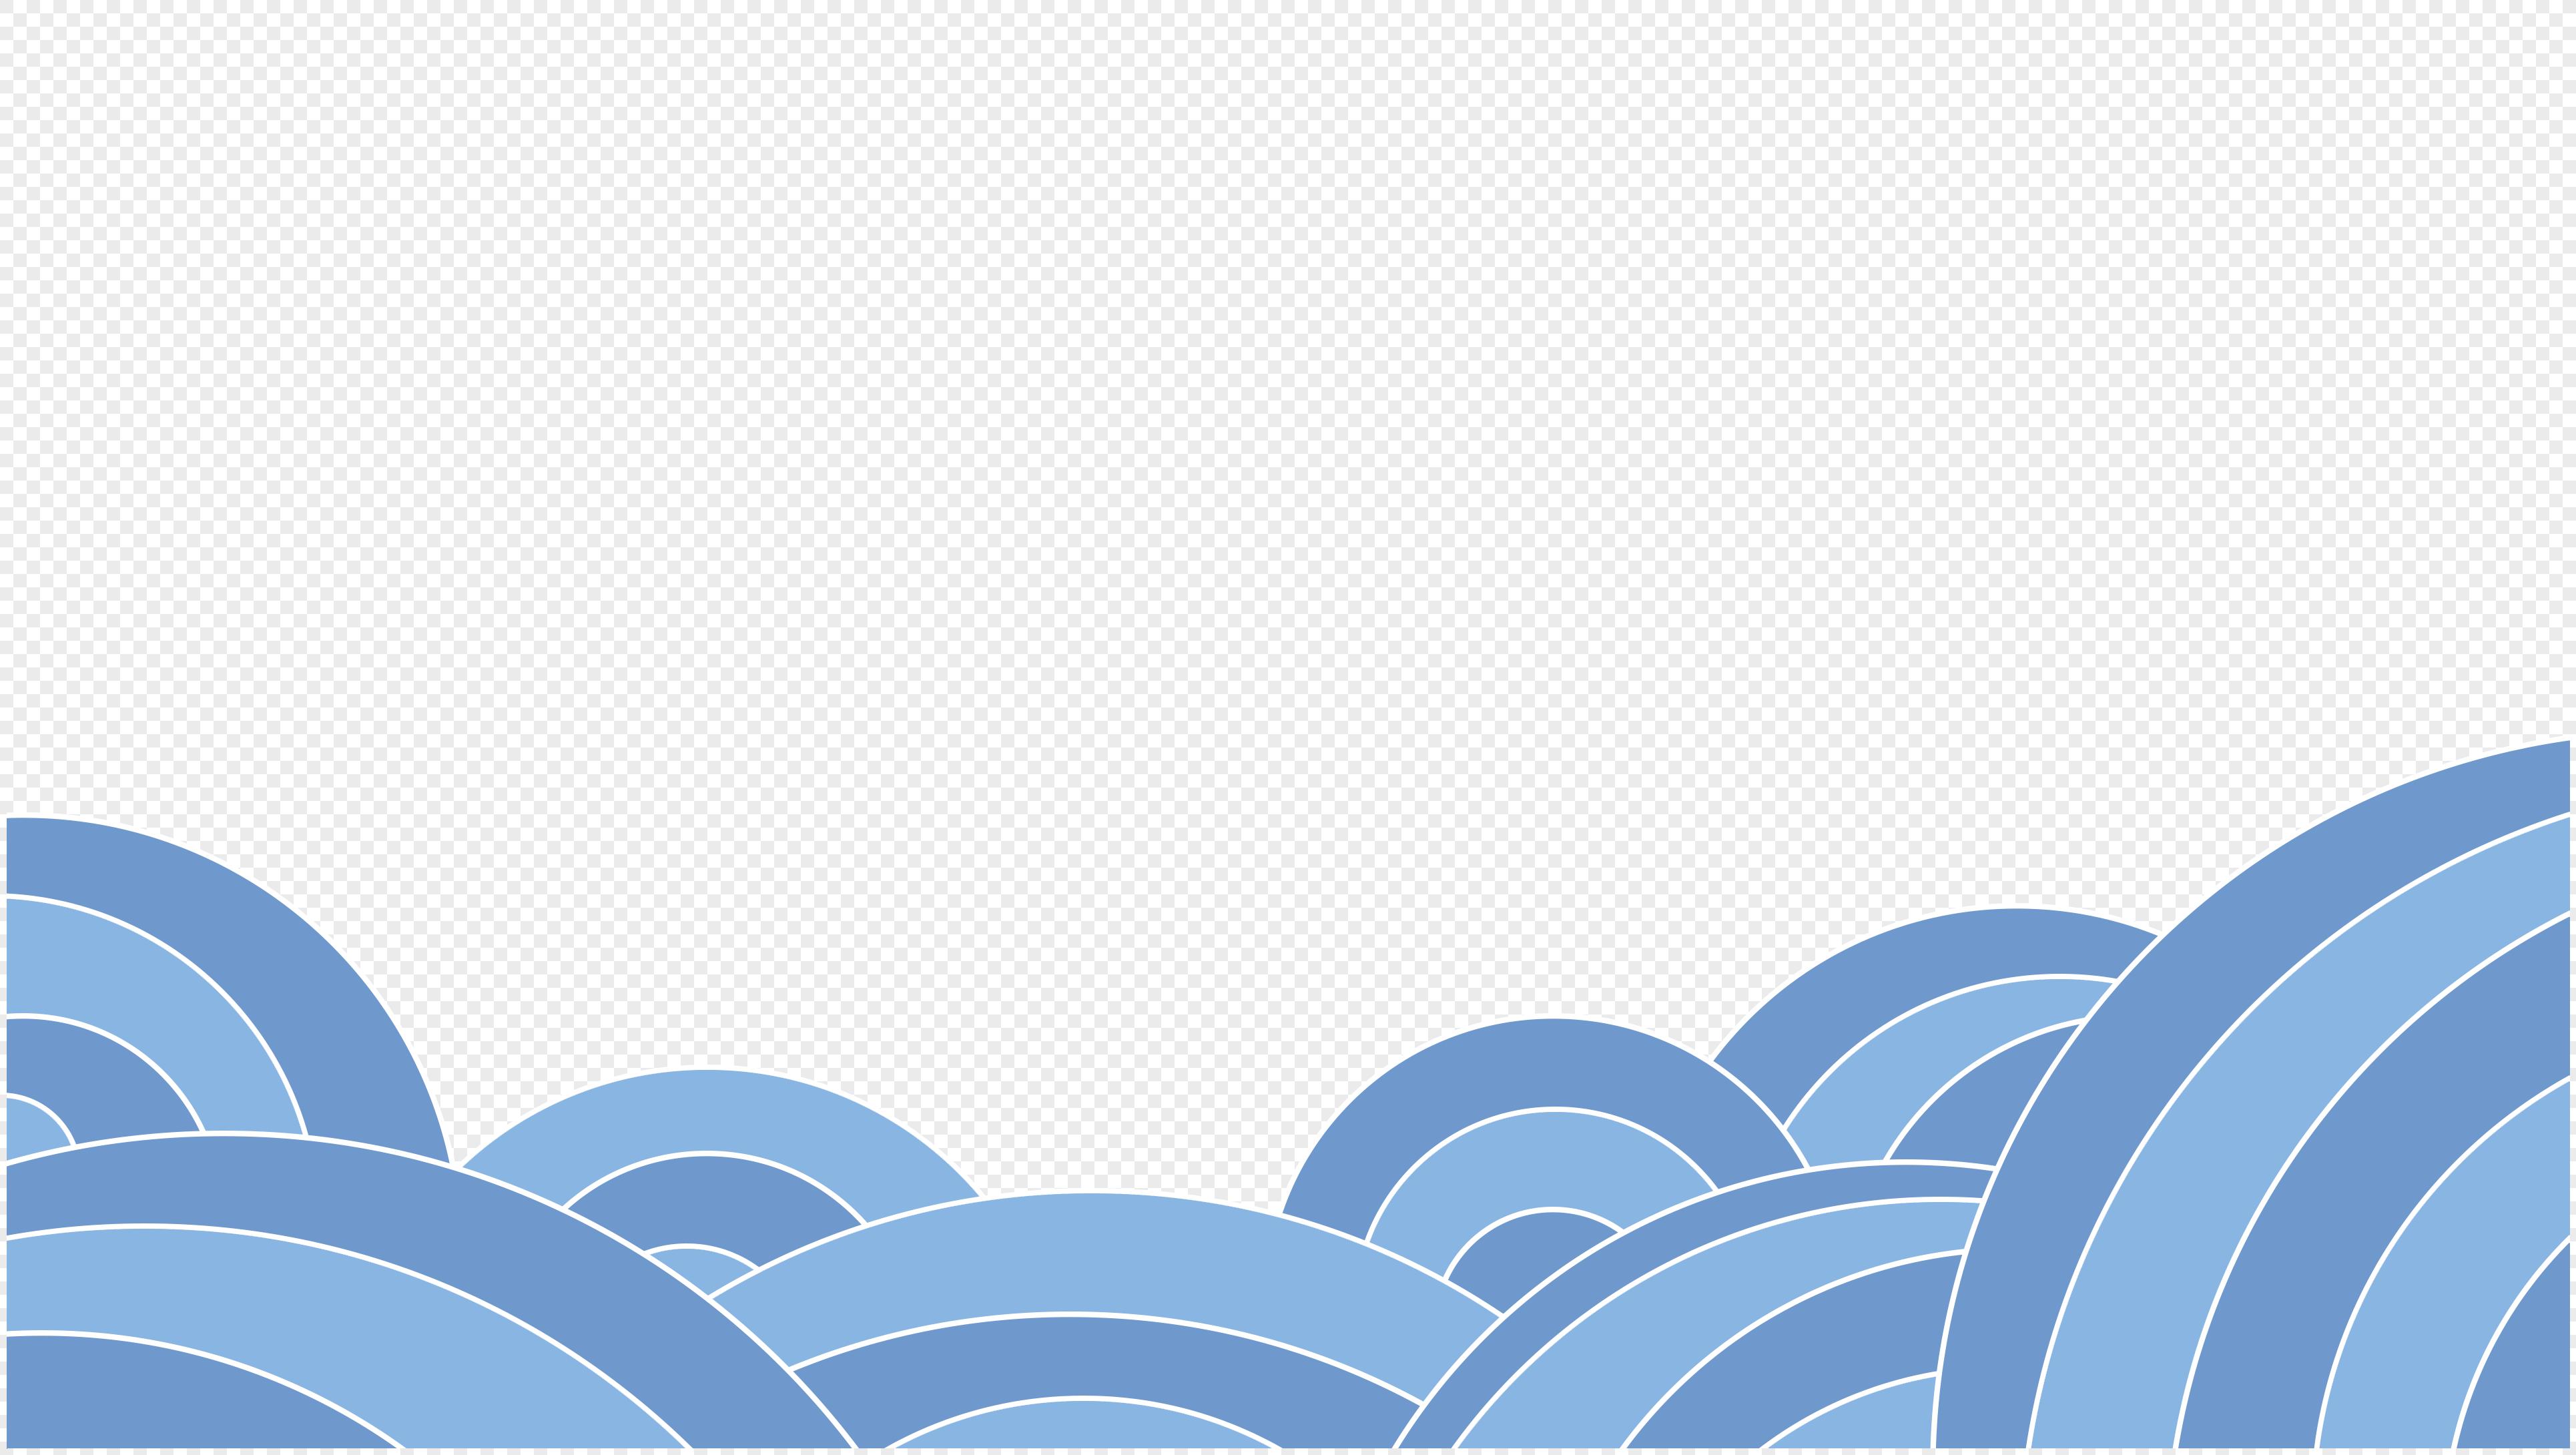 水纹元素素材psd格式_设计素材免费下载_vrf高清图片